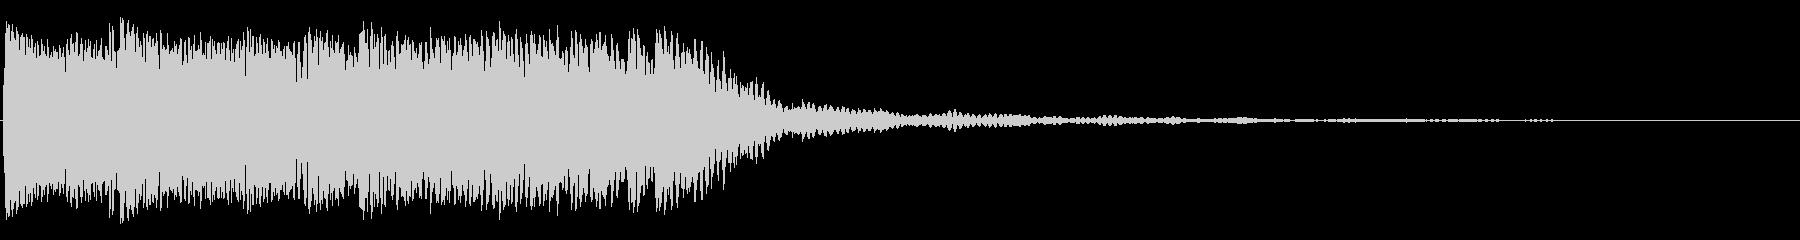 ダンスヒットダウンの未再生の波形